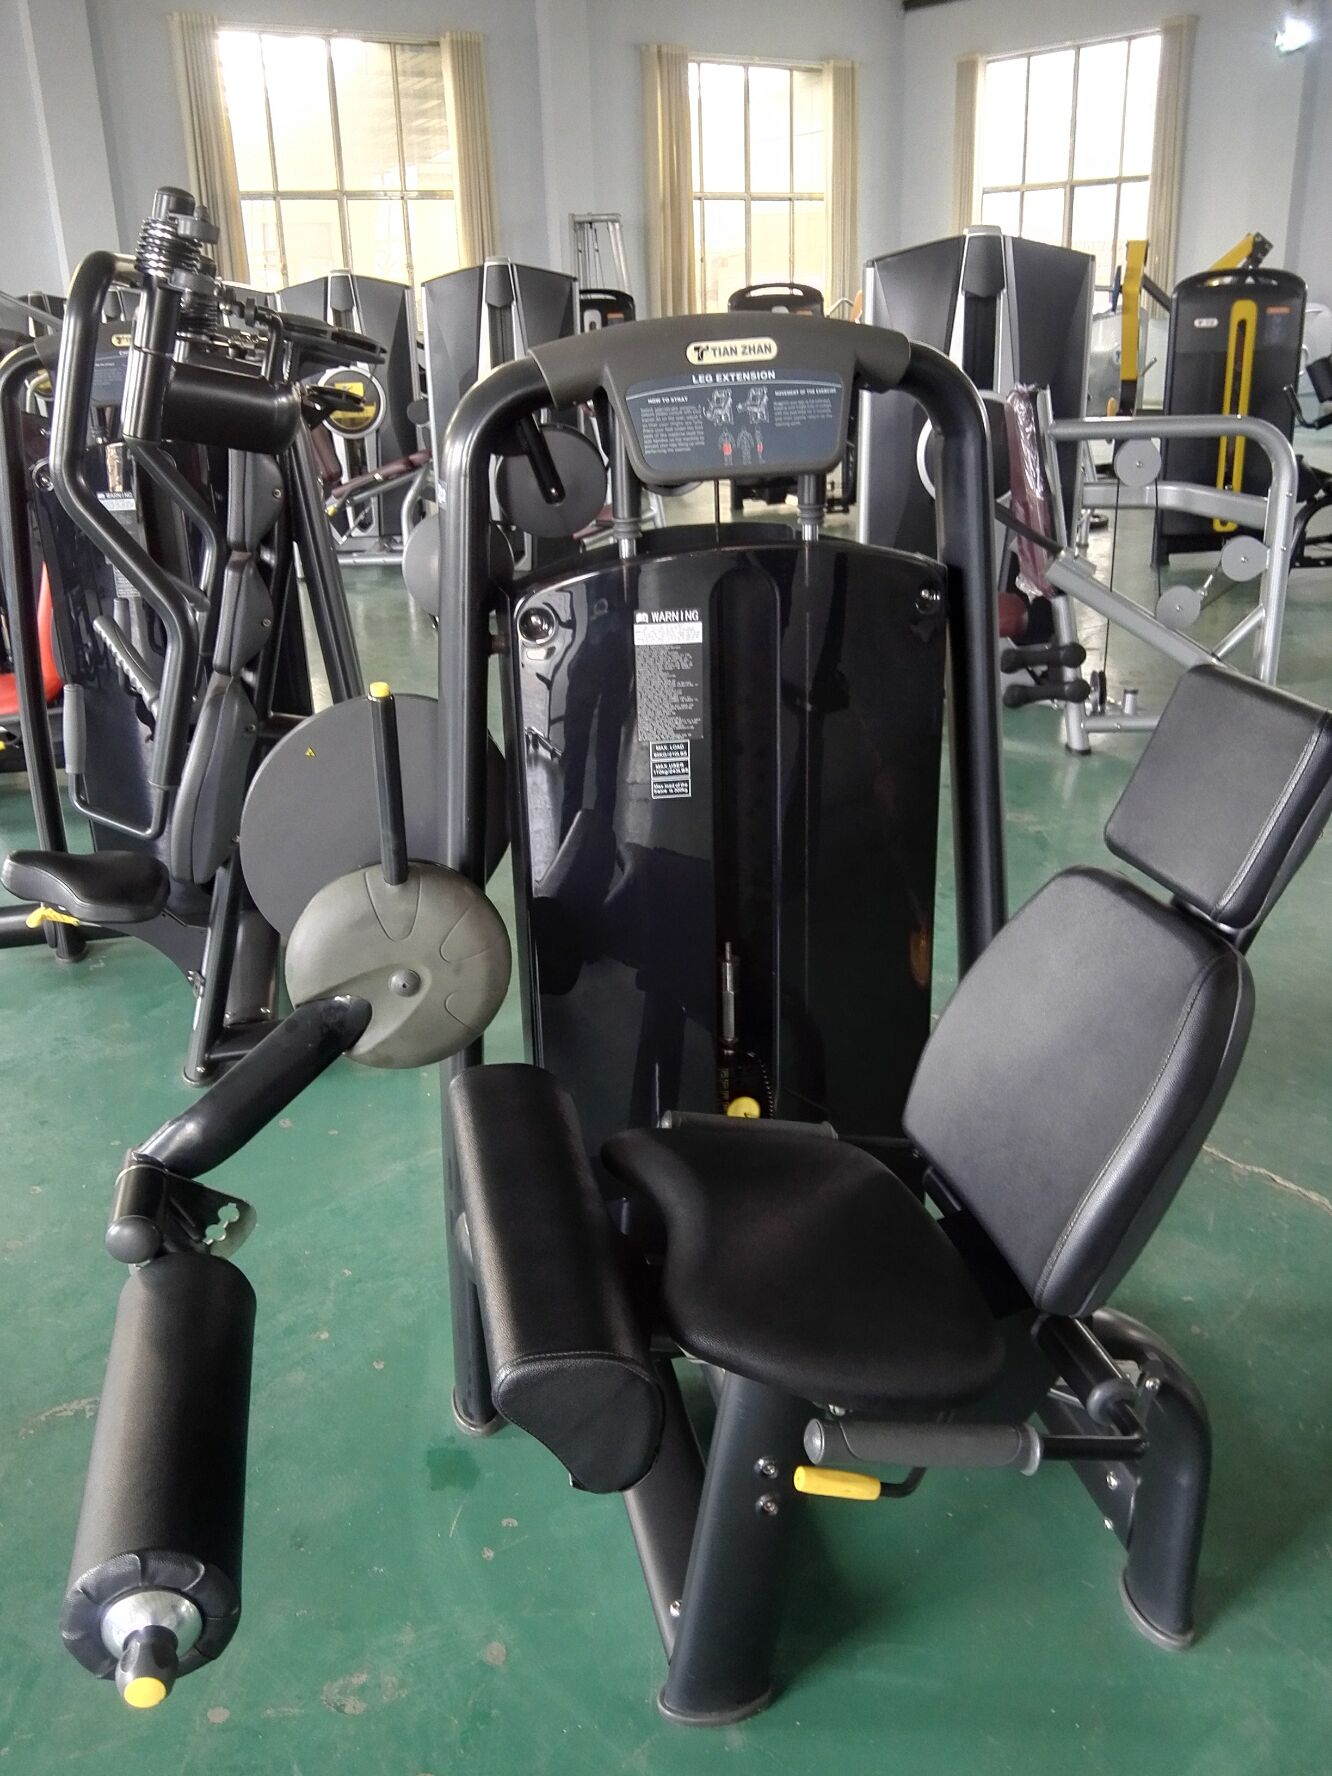 Top Fitness Equipment Brands Bulk Fitness Equipment Full ...